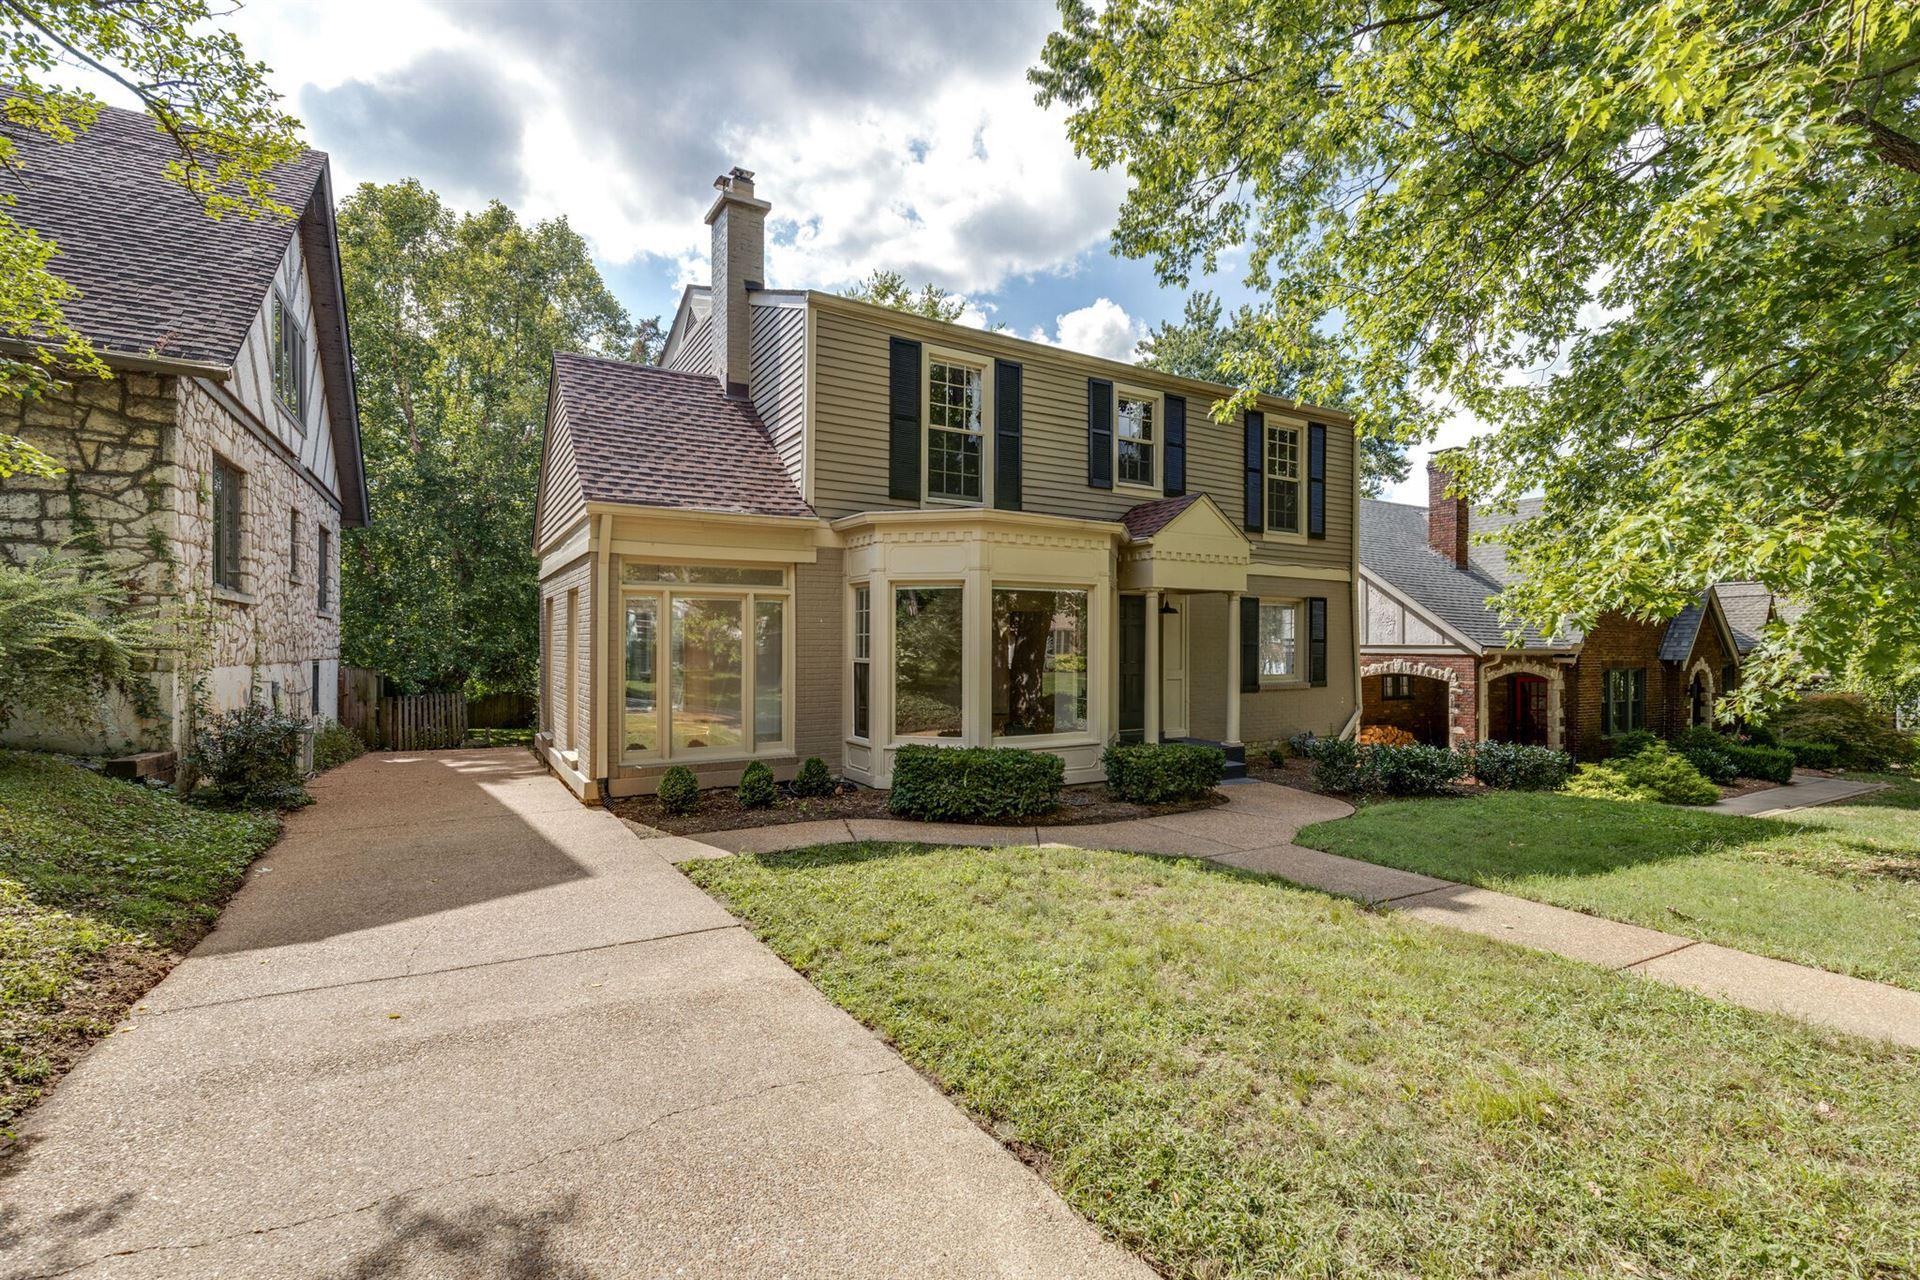 111 Mockingbird Rd, Nashville, TN 37205 - MLS#: 2292241